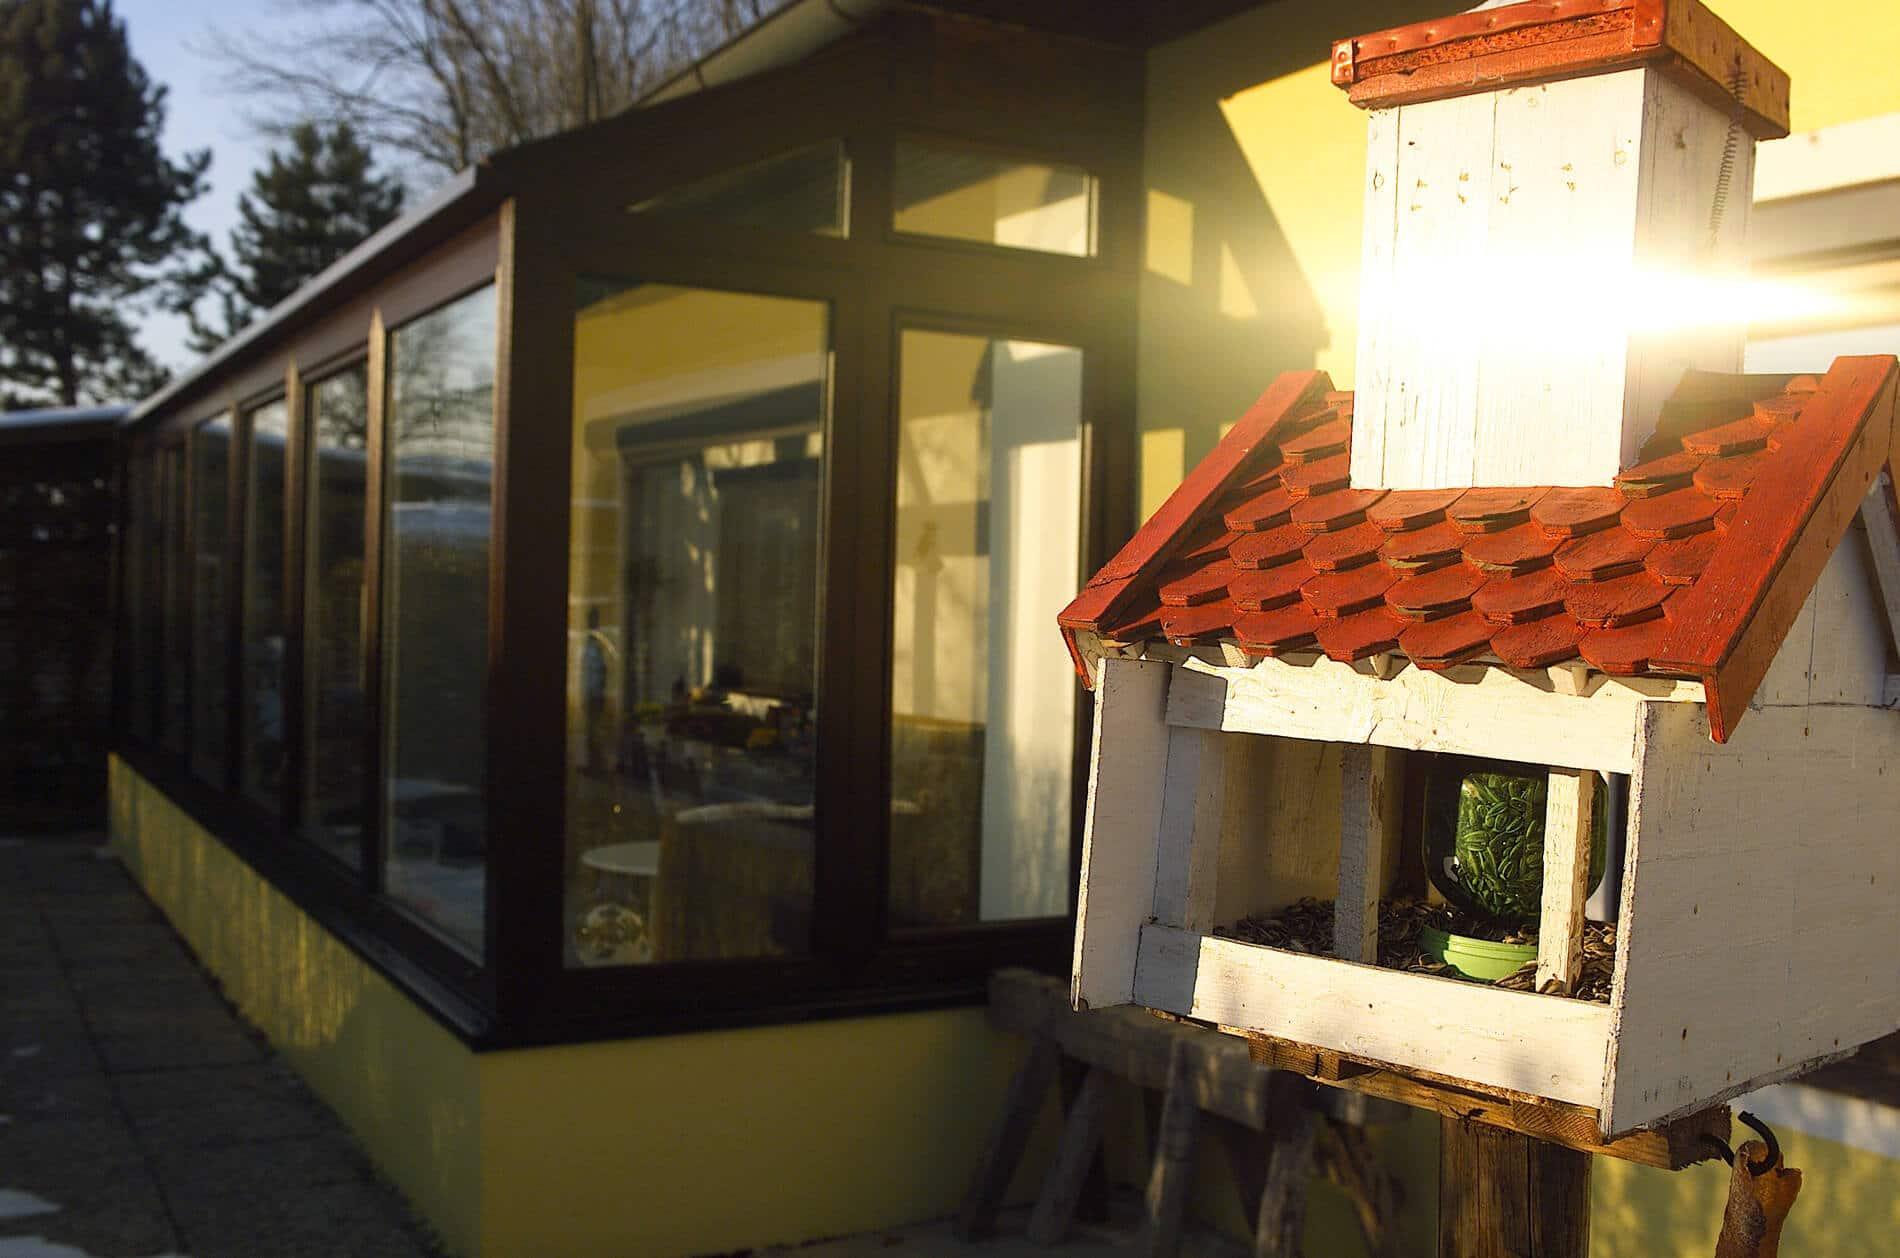 Wintergarten Wohnraumerweiterung braun